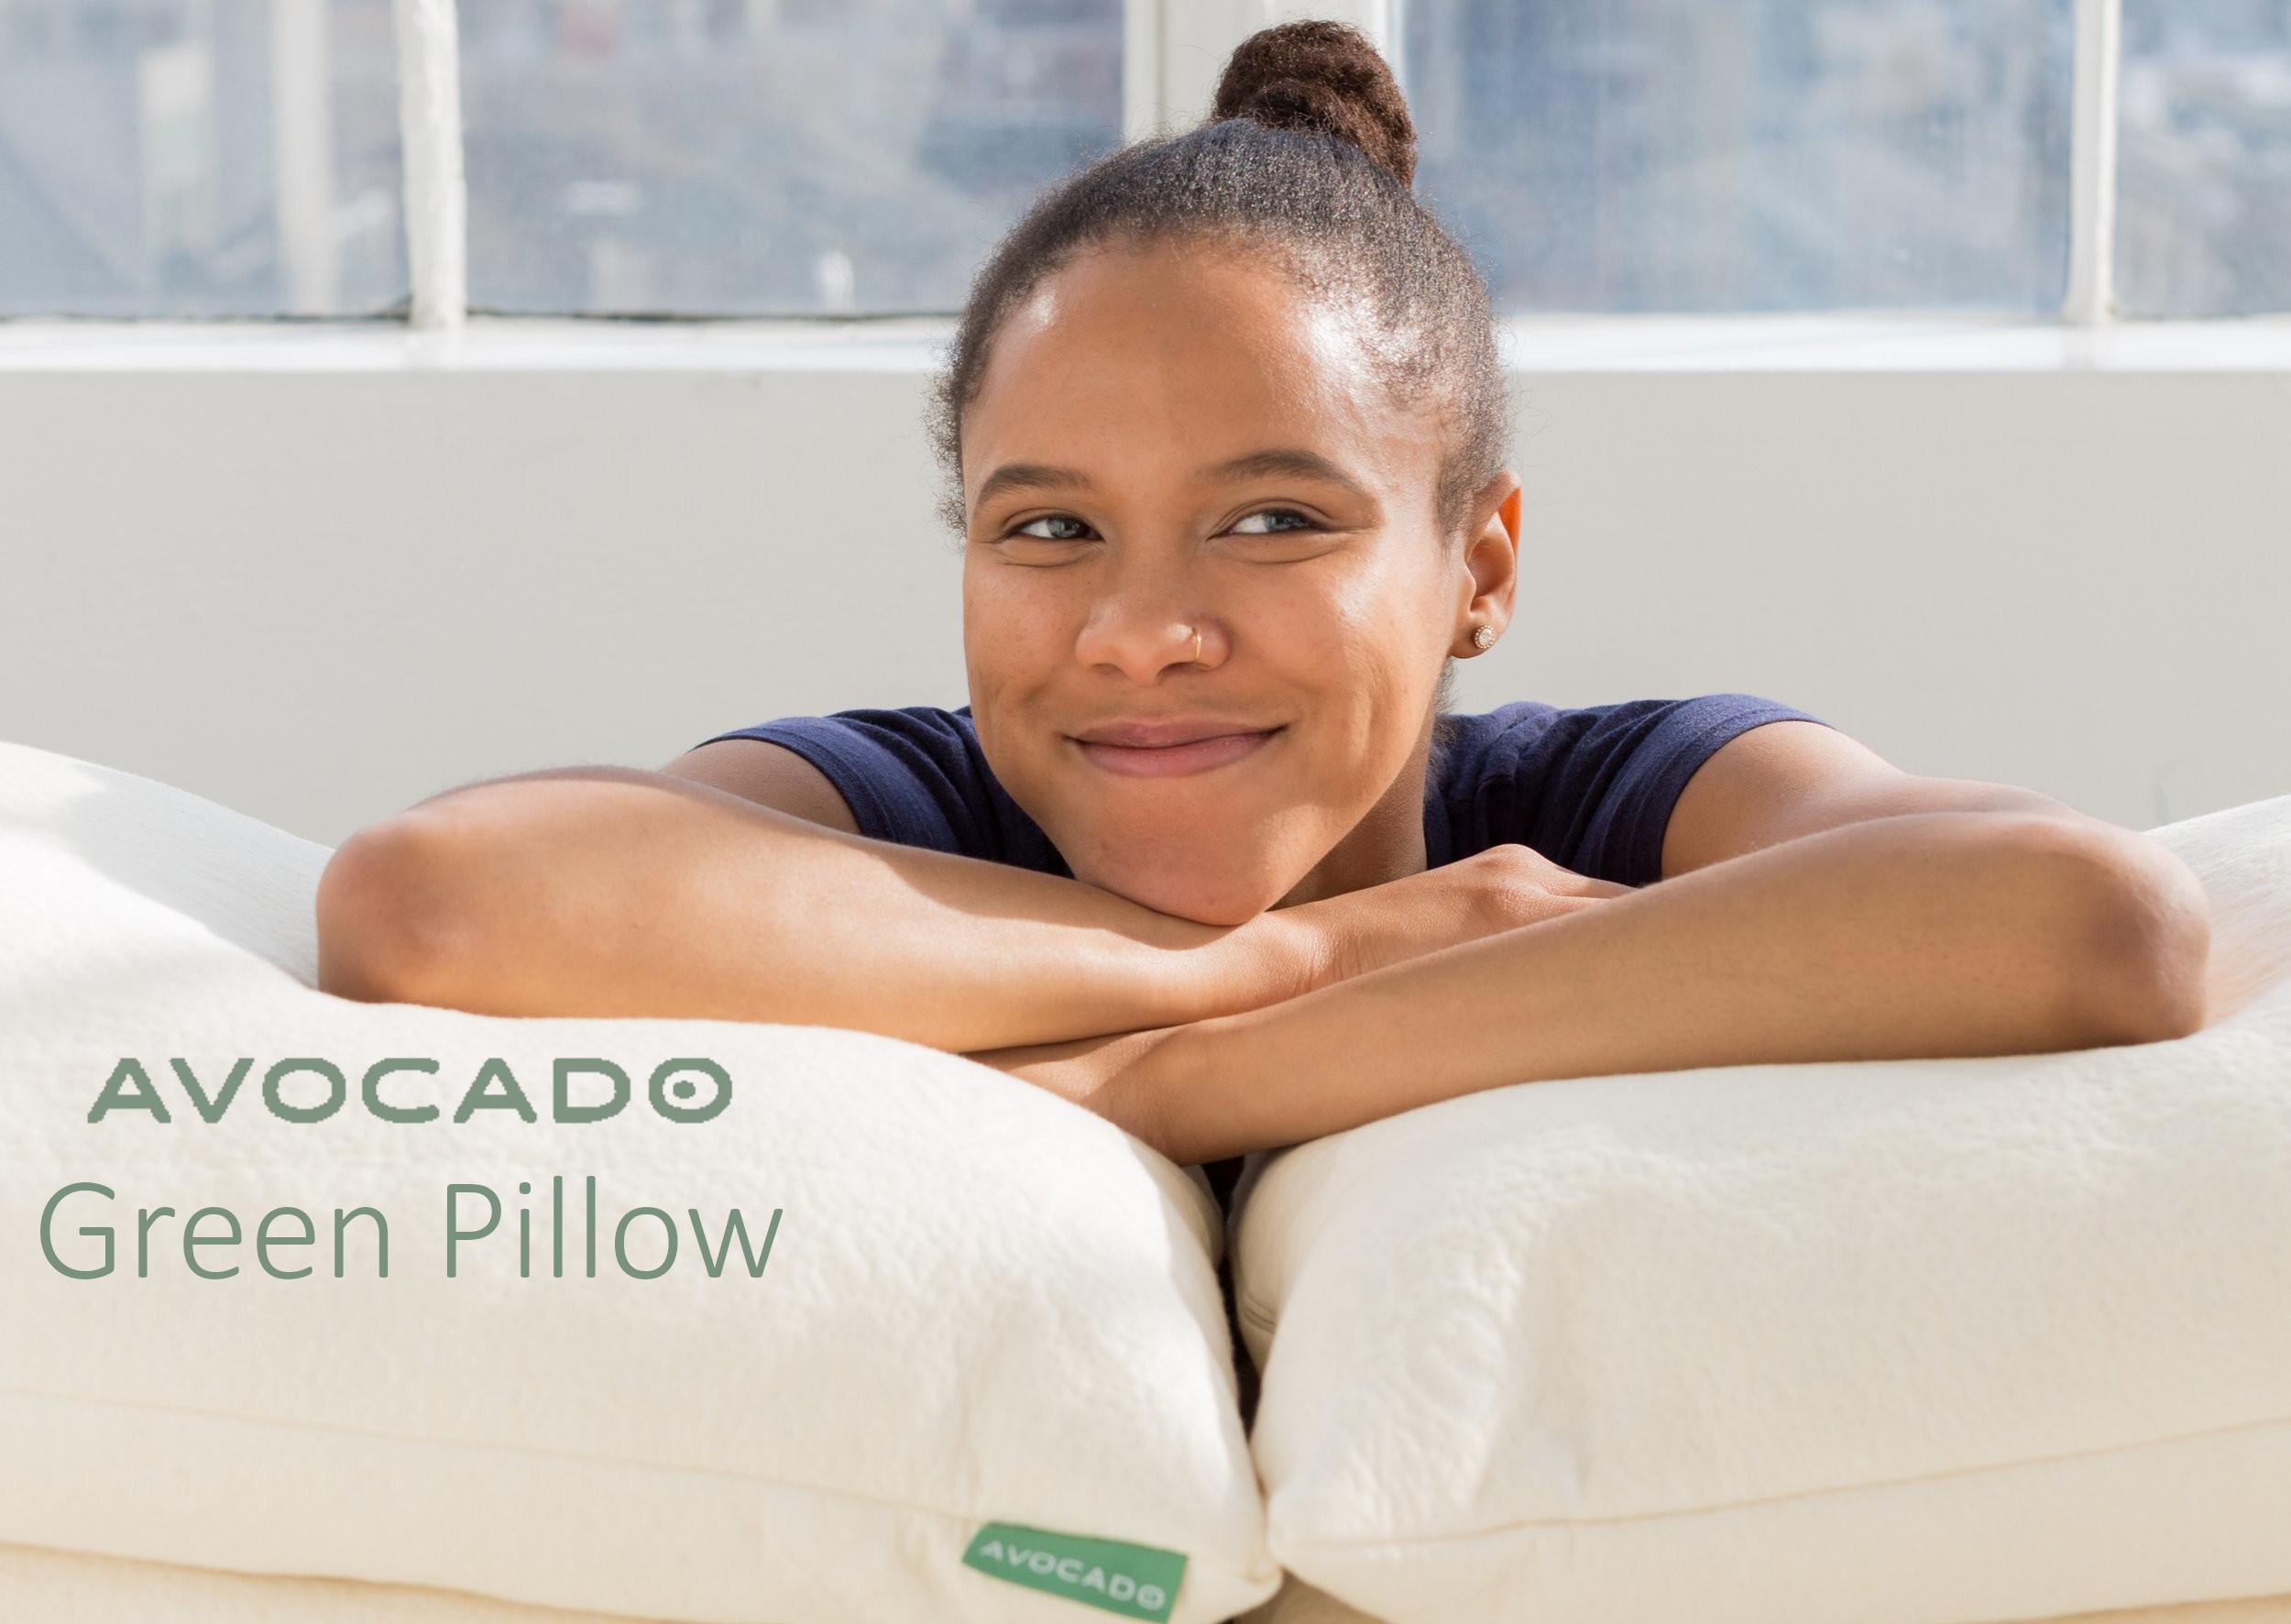 avocado green pillow review